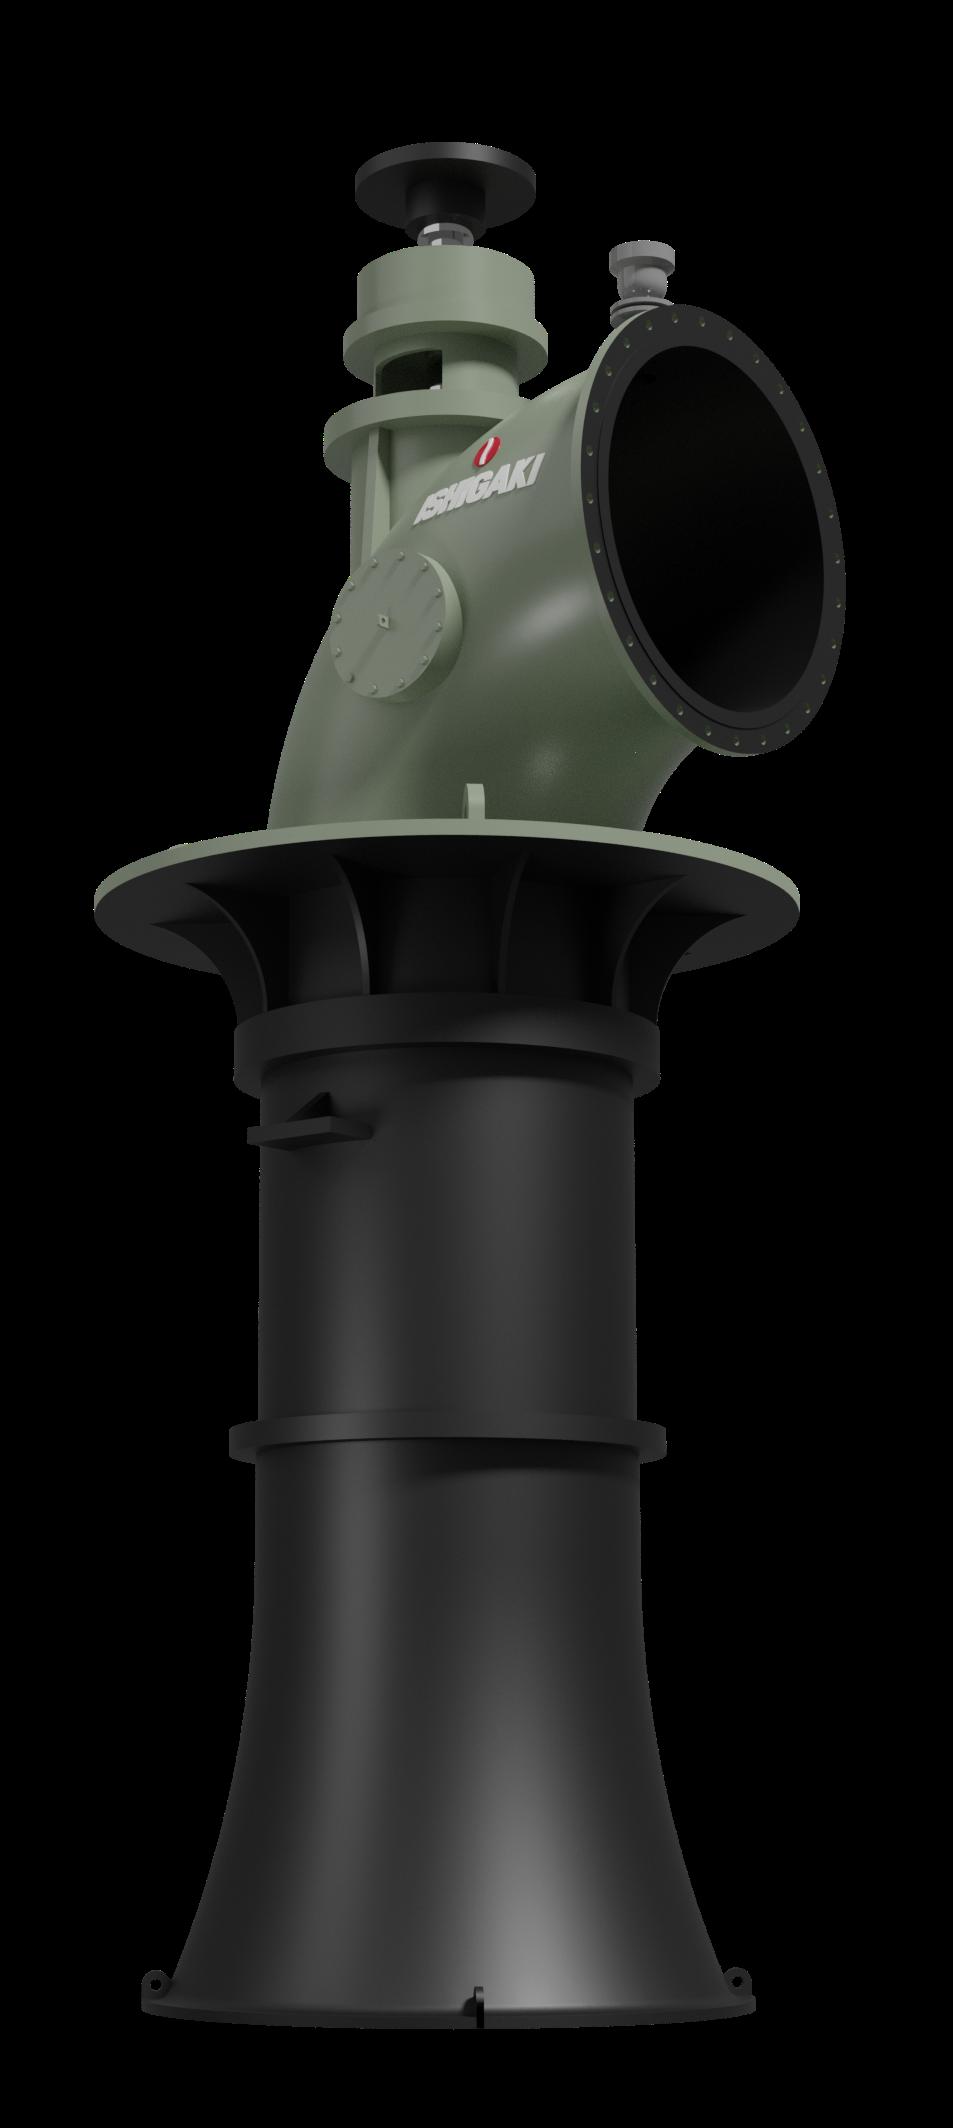 立軸軸流ポンプ IAFV